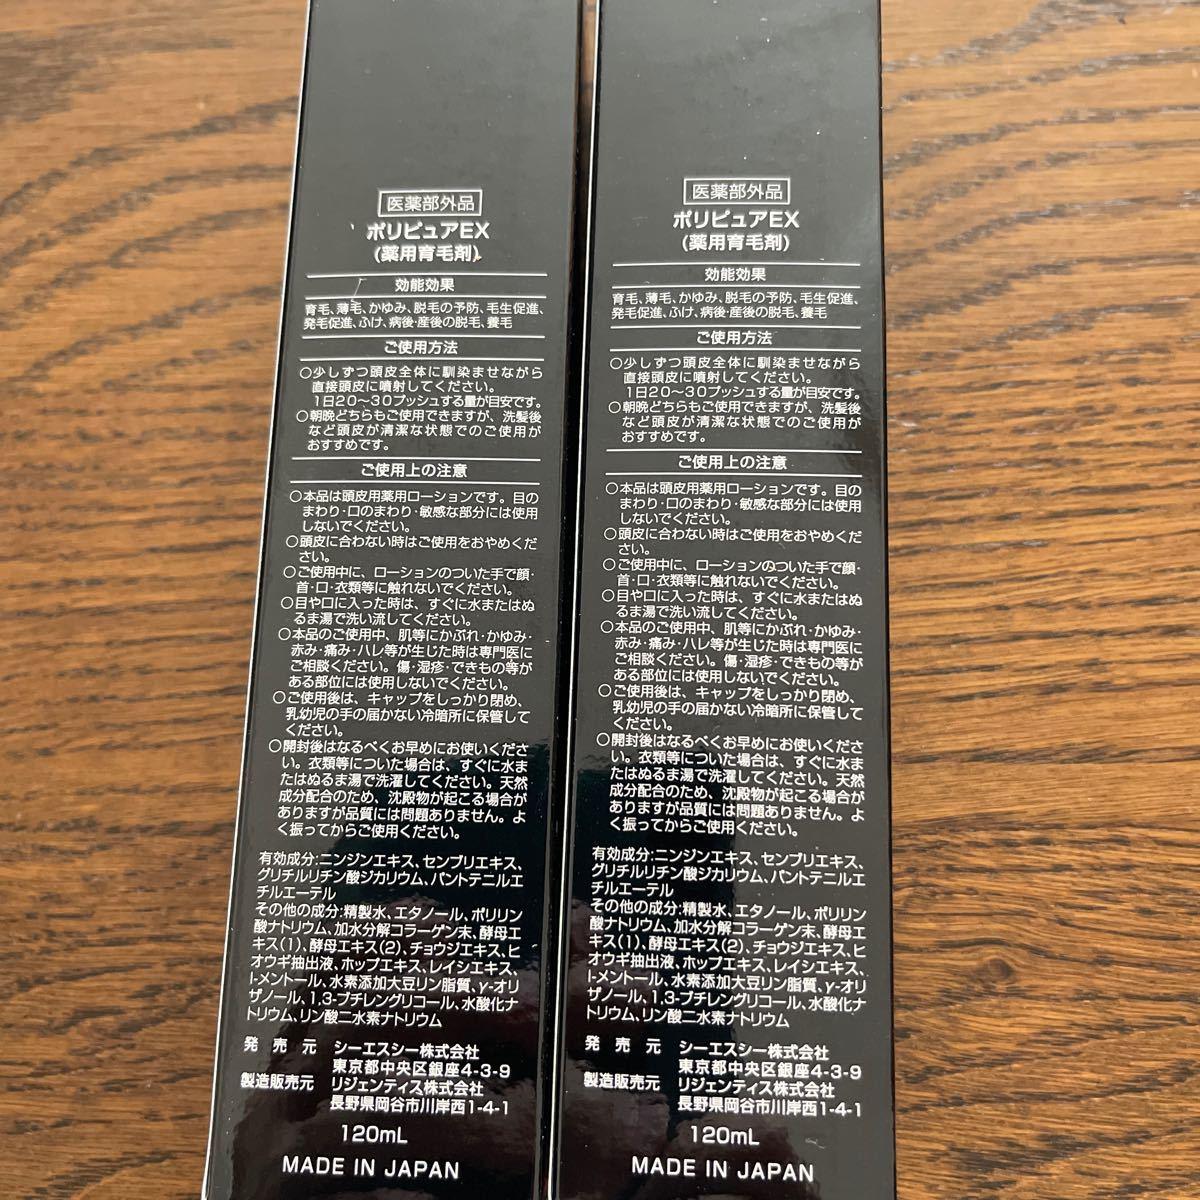 シーエスシー 薬用ポリピュアEX 120ml  2本 新品未開封 匿名配送